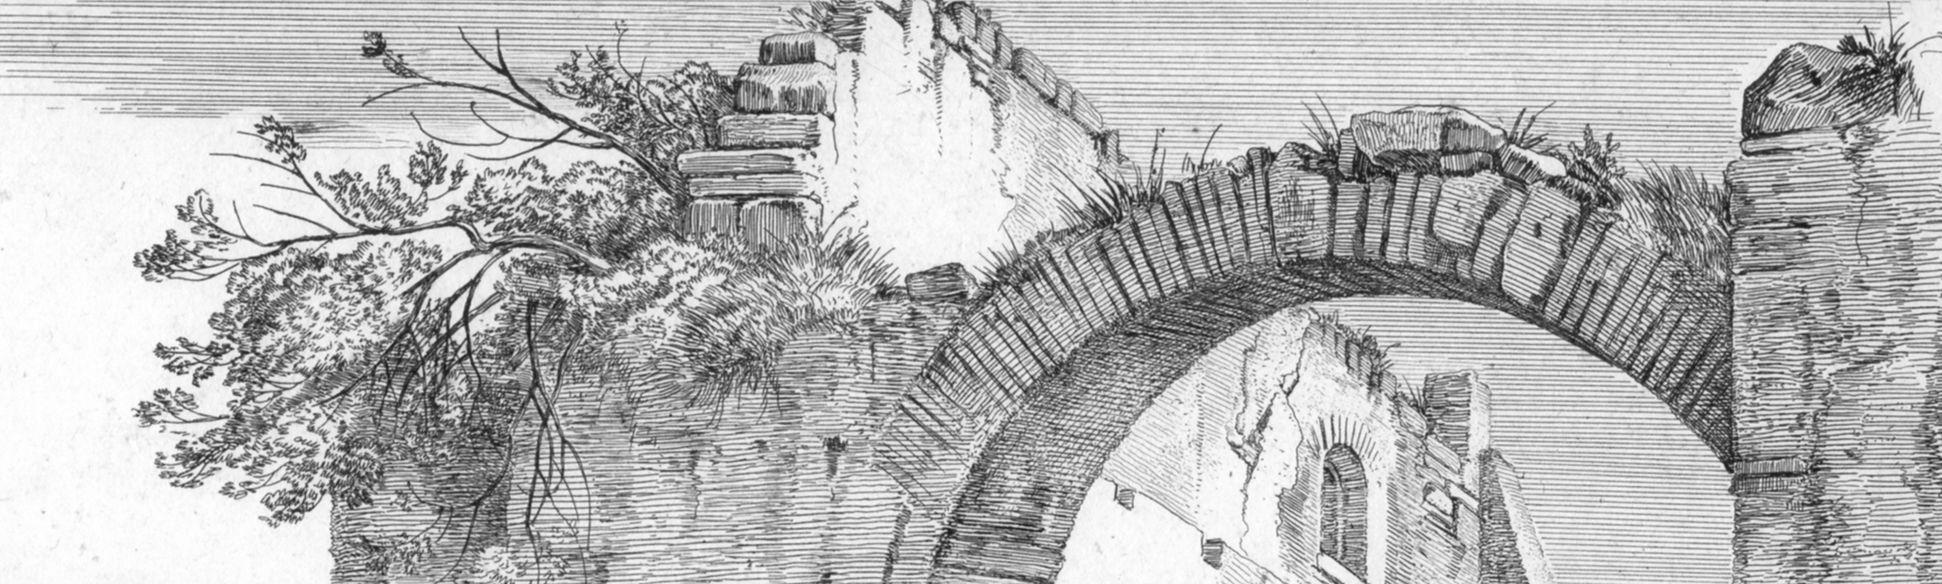 Cattle near ruins Ruin, detail